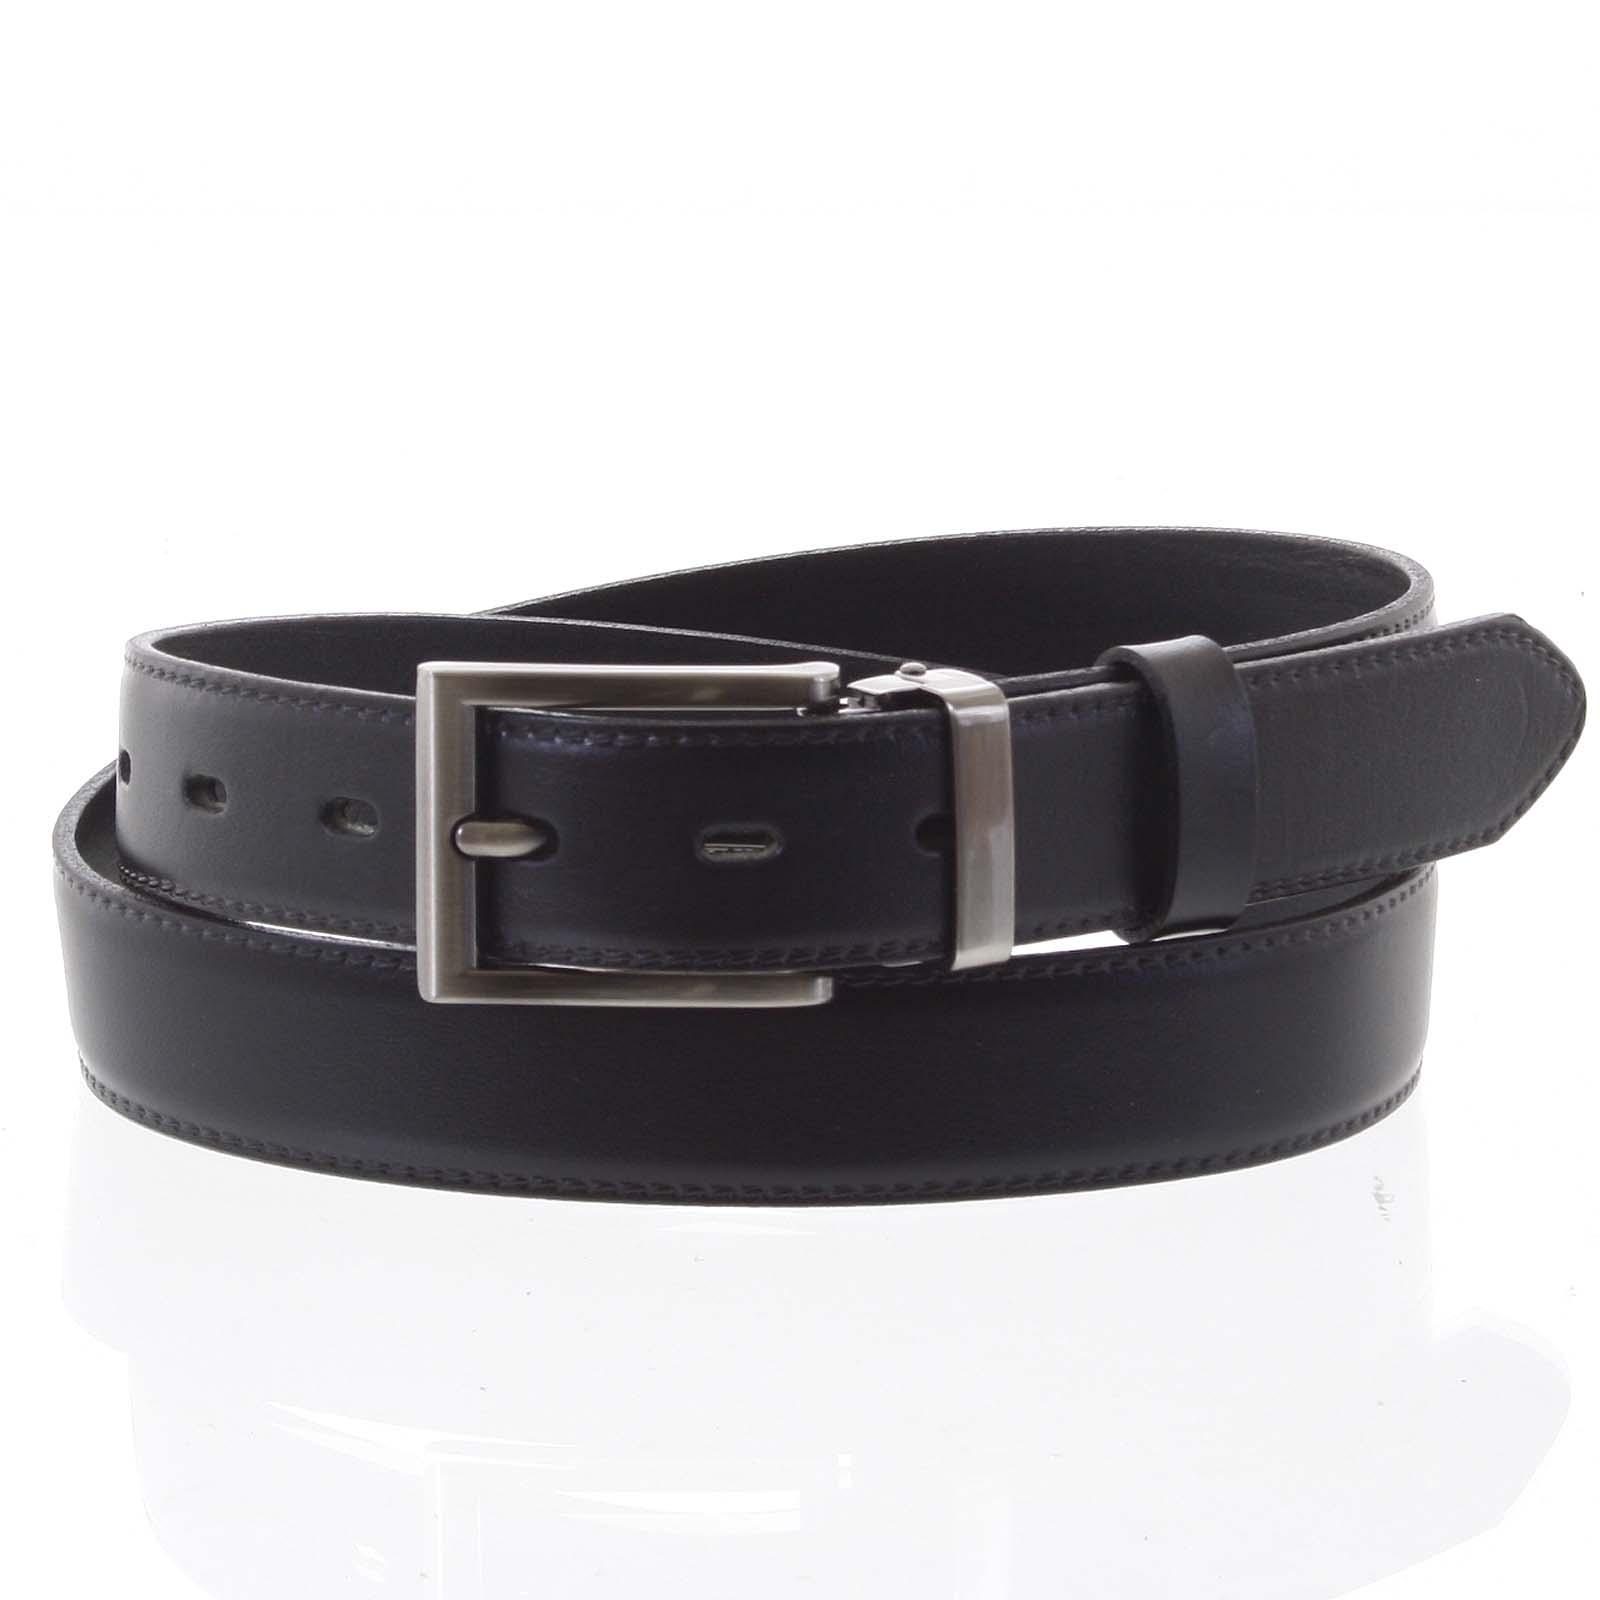 Pánsky kožený opasok oblekový čierny - PB Labim 95